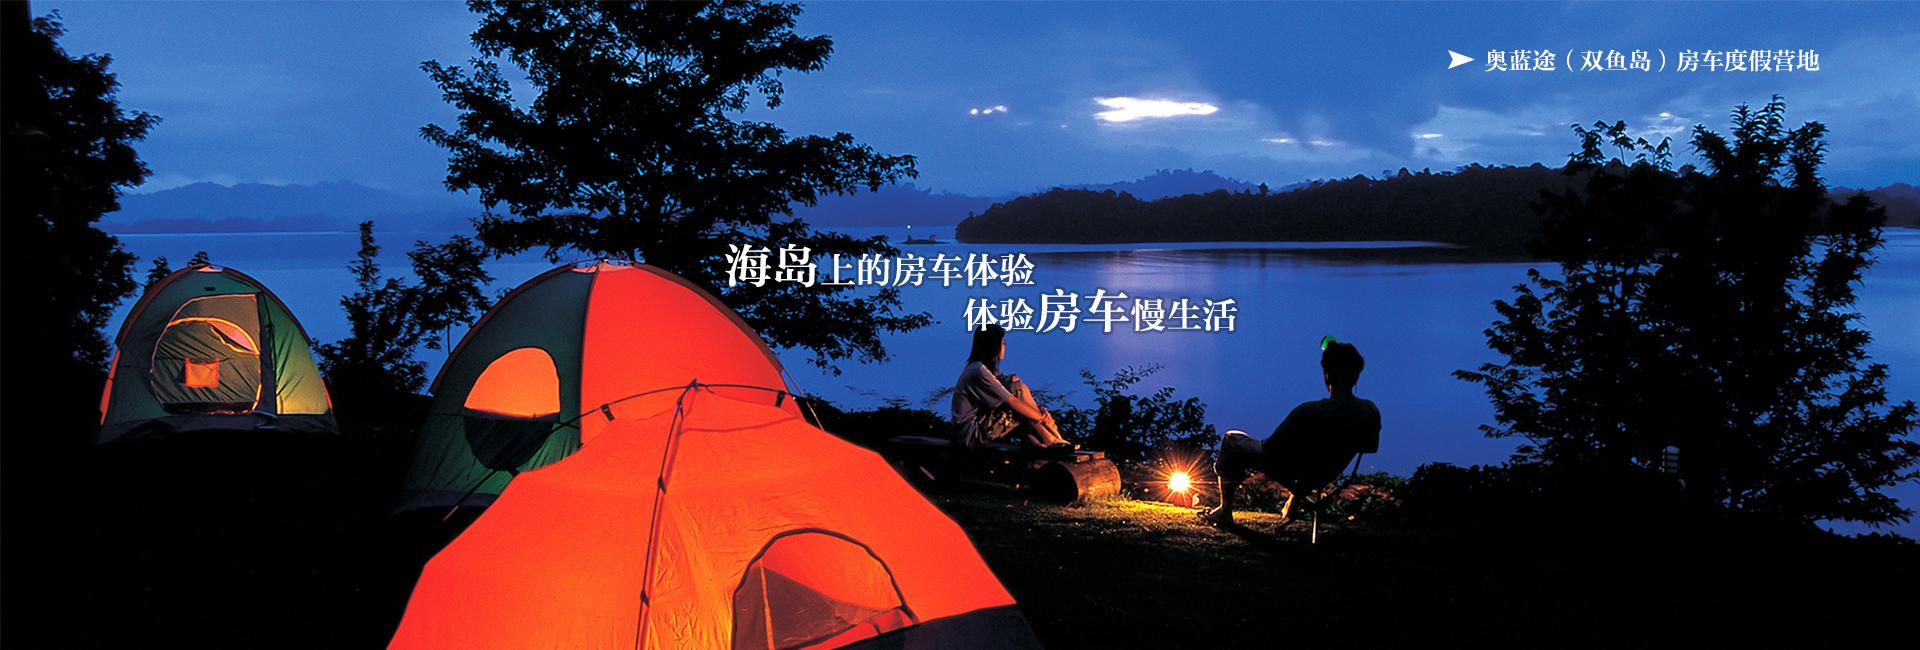 亚虎娱乐手机_双鱼岛.jpg